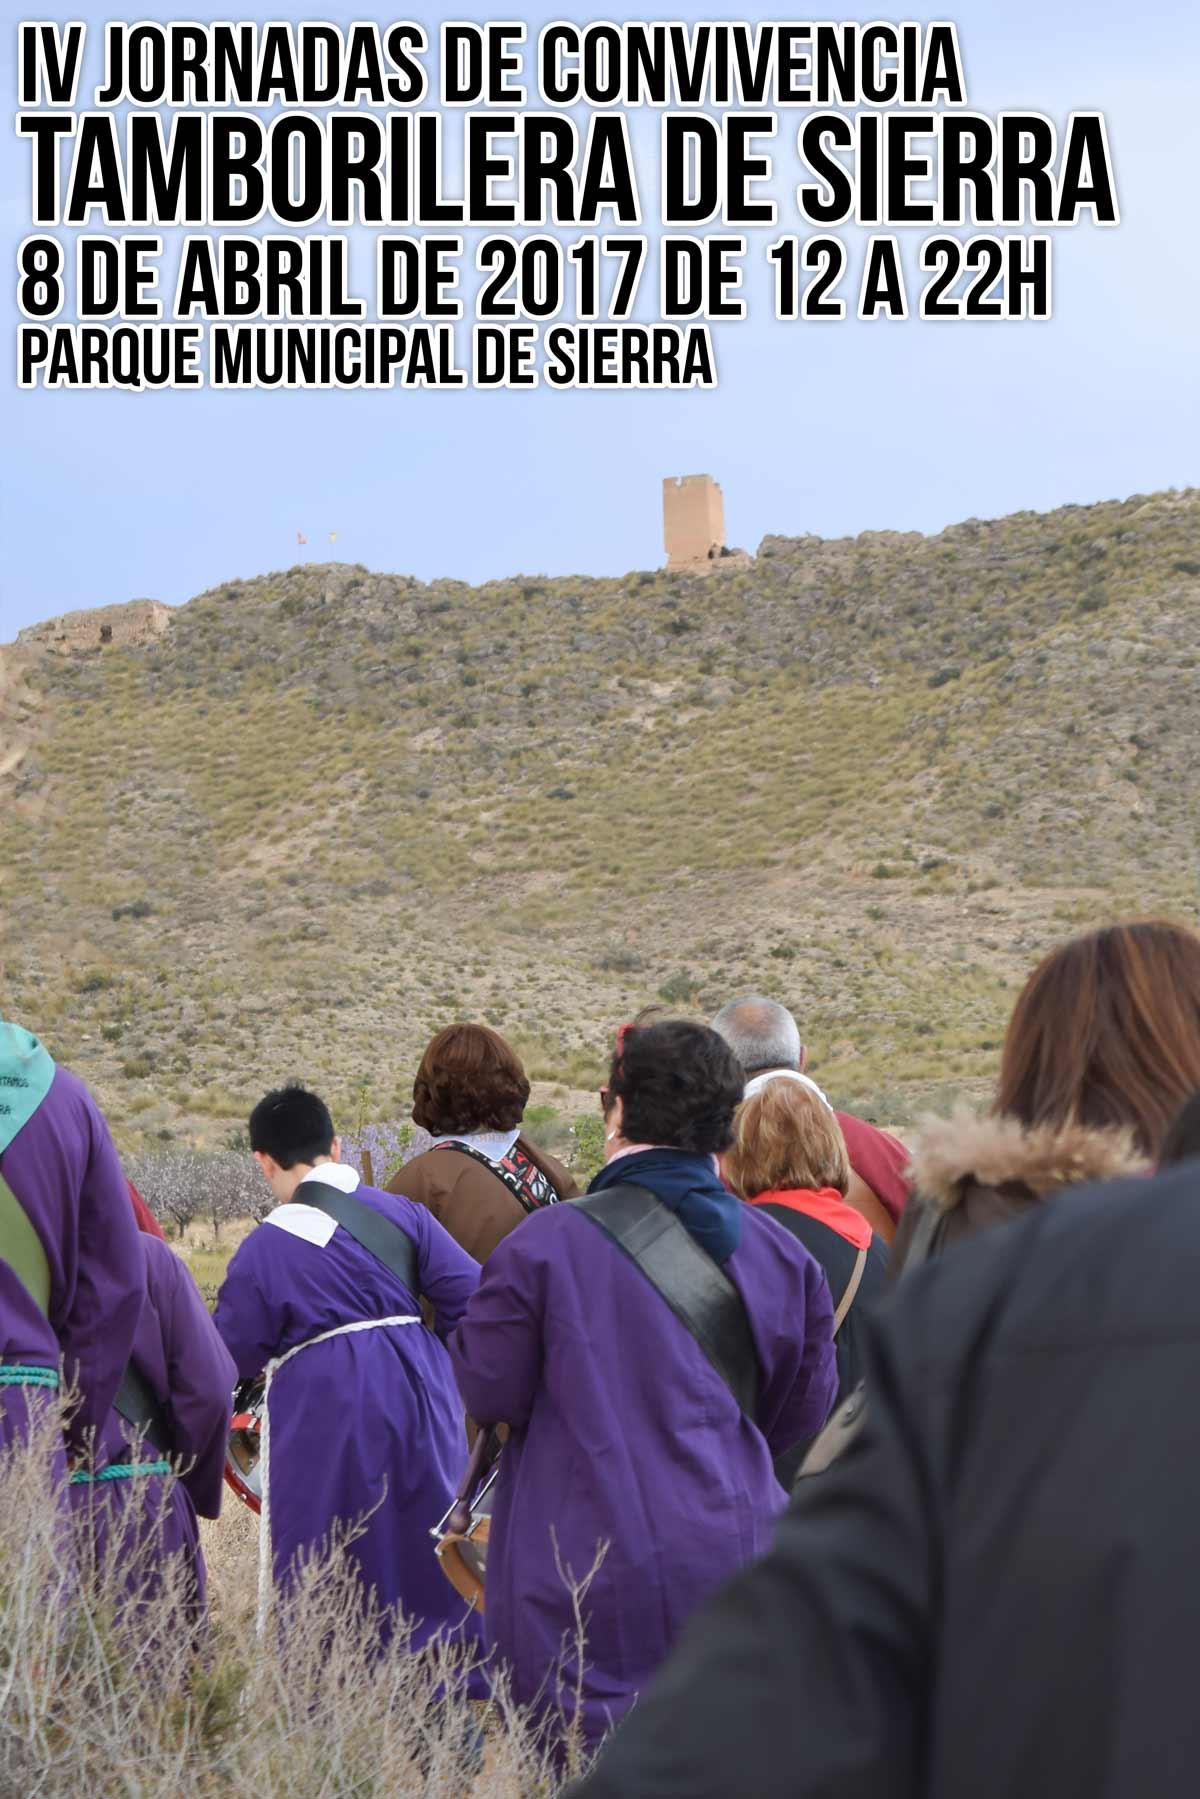 Tamborada de Sierra 2017- Asociacion de Vecinos de Sierra - vecinosdesierra